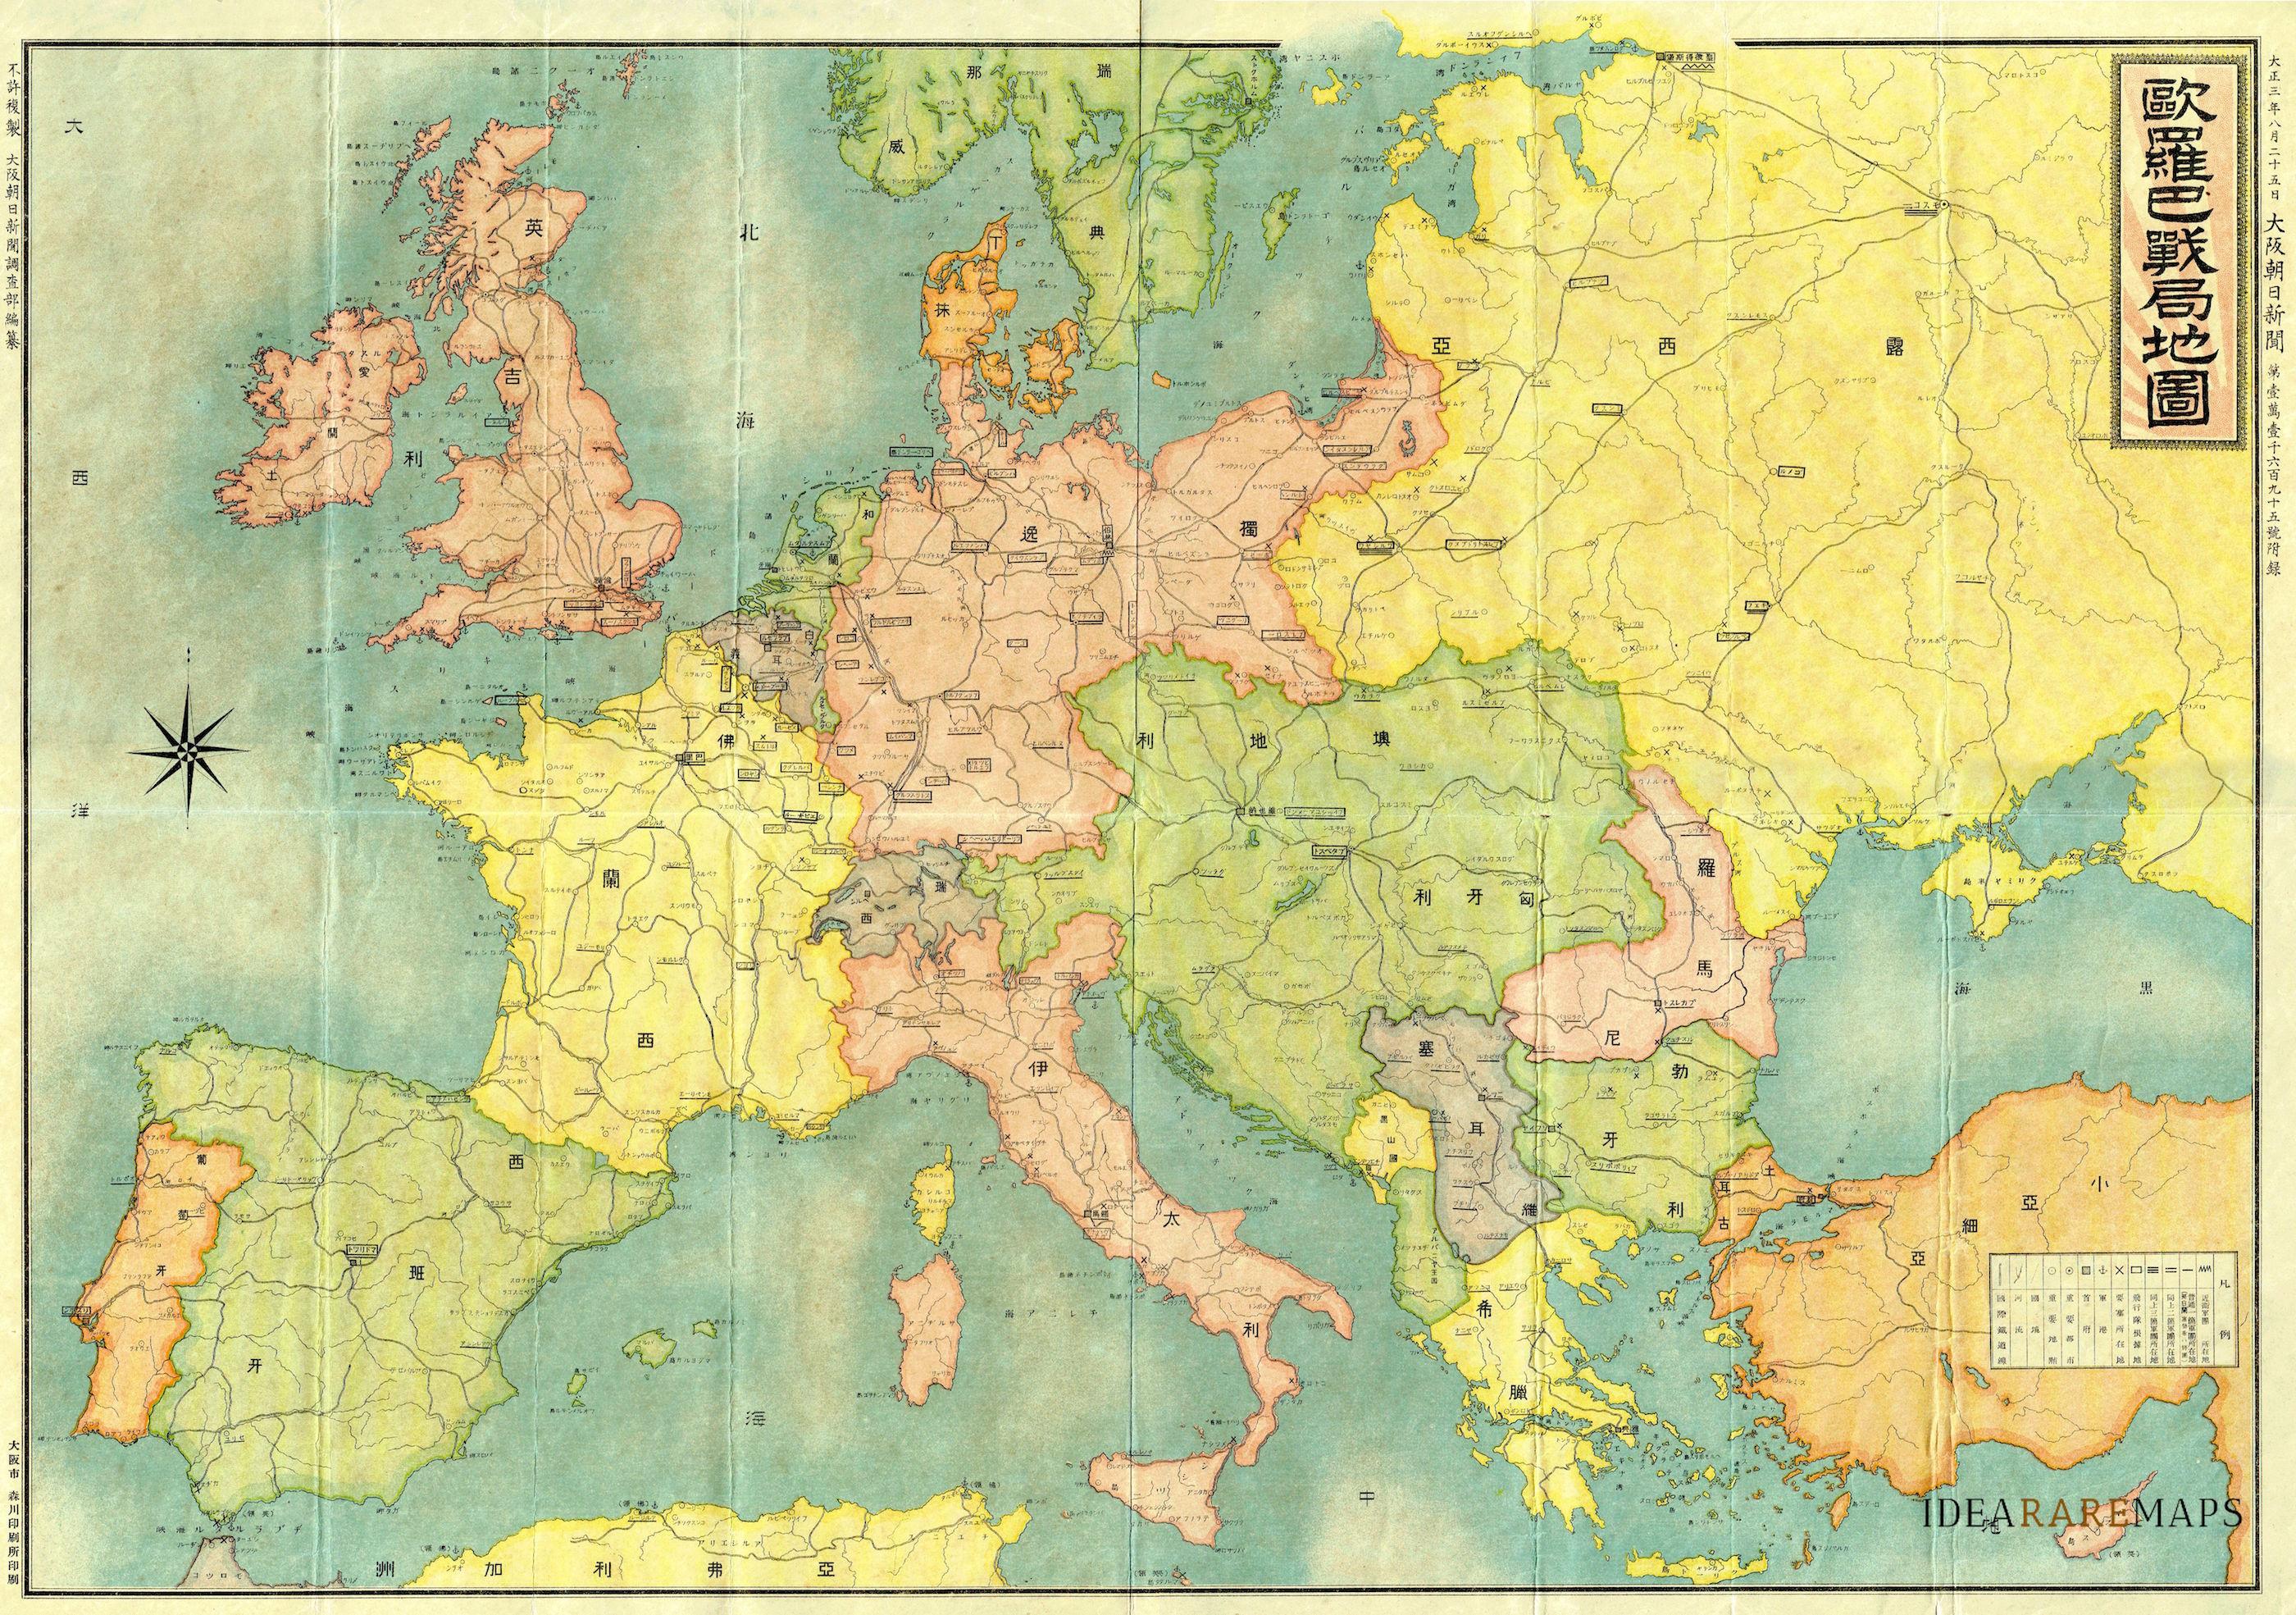 An interesting Original World War I Japanese map of Europe ...